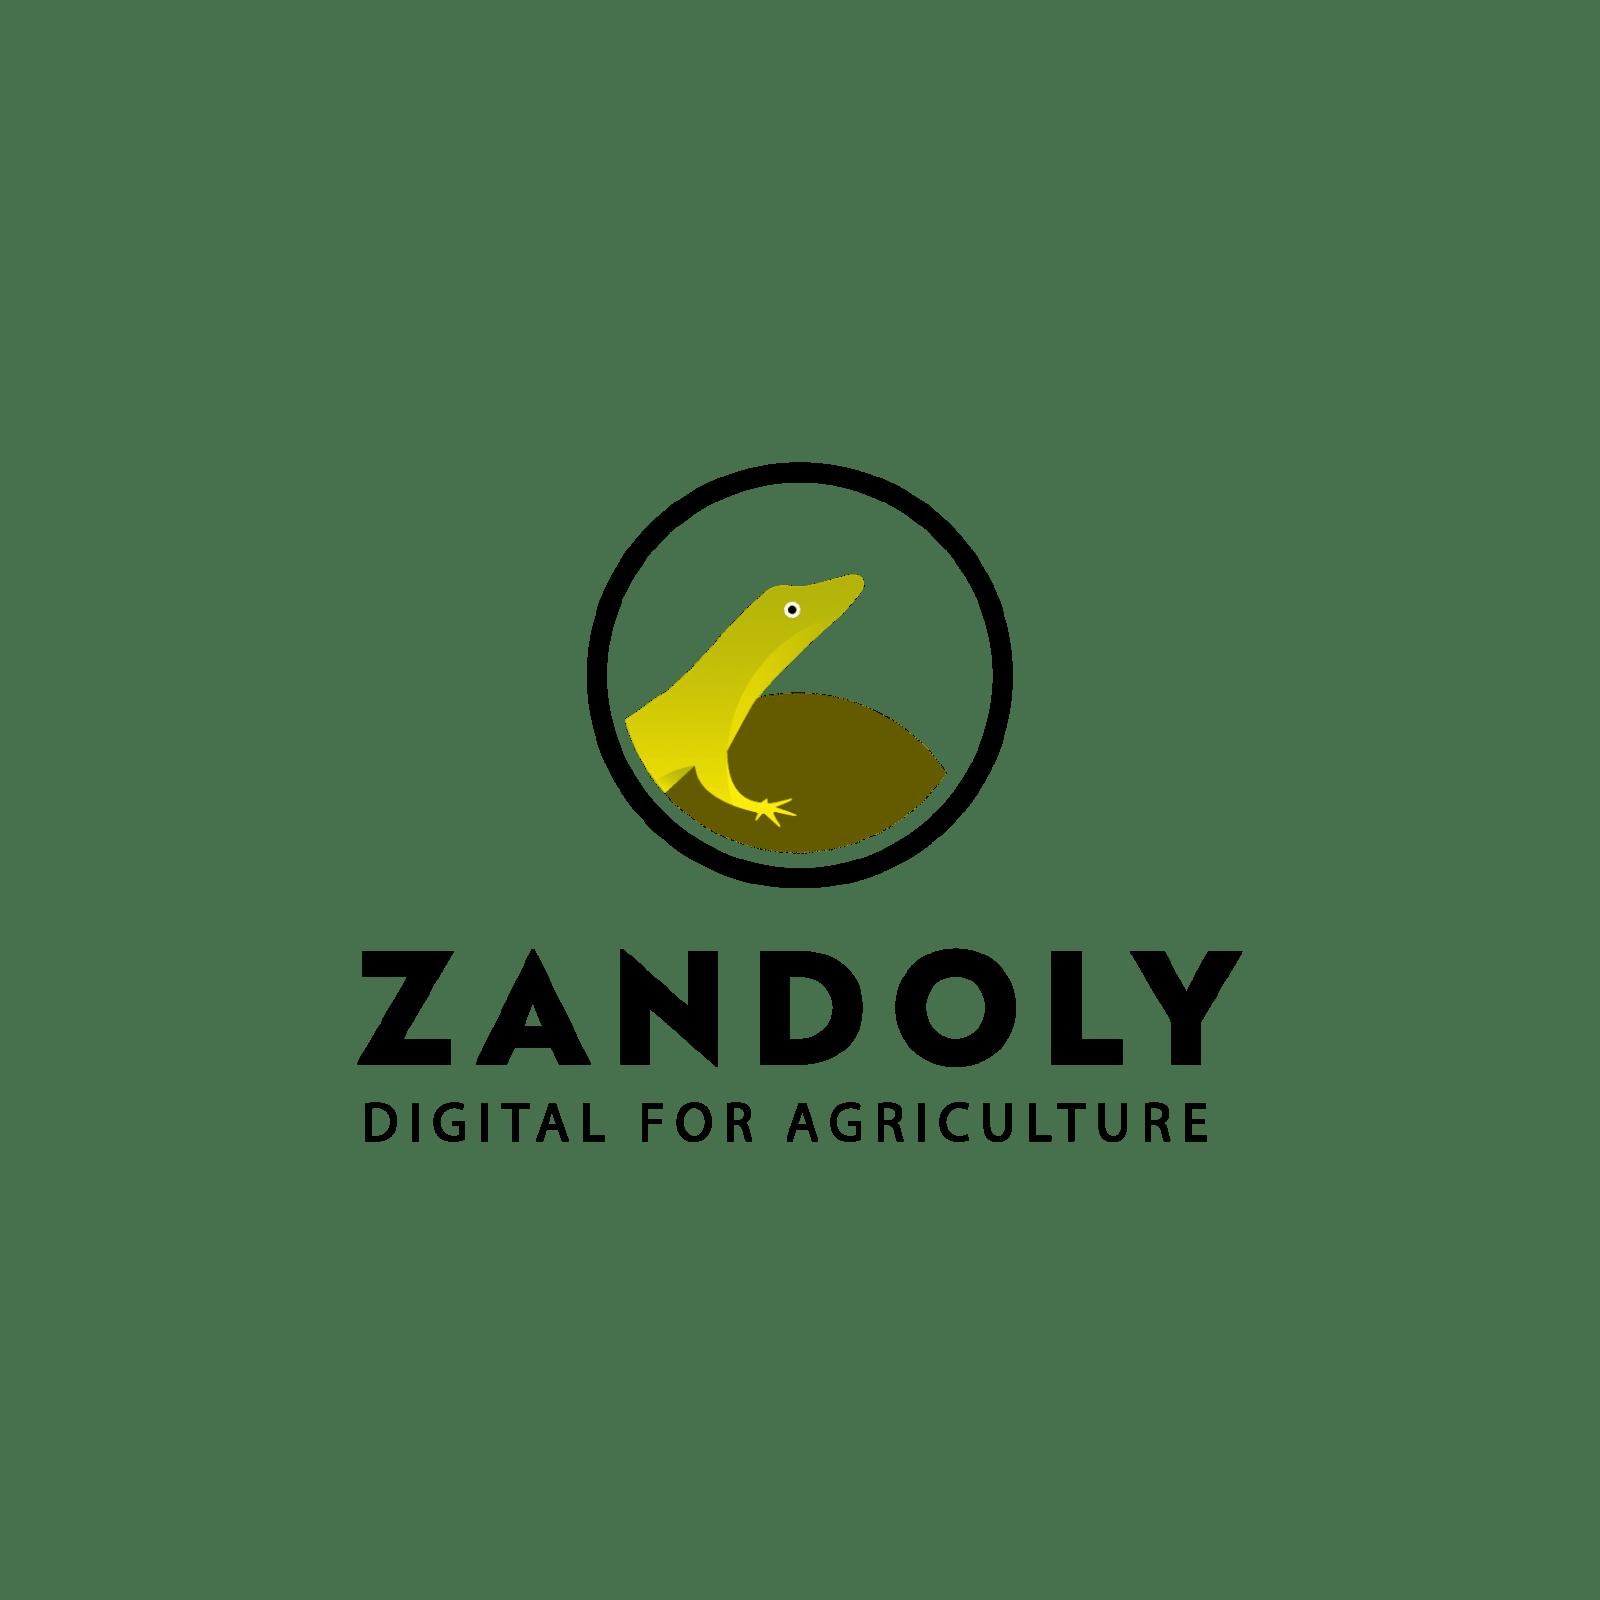 logo Zandoly, création graphique de logo de C Com'Créa